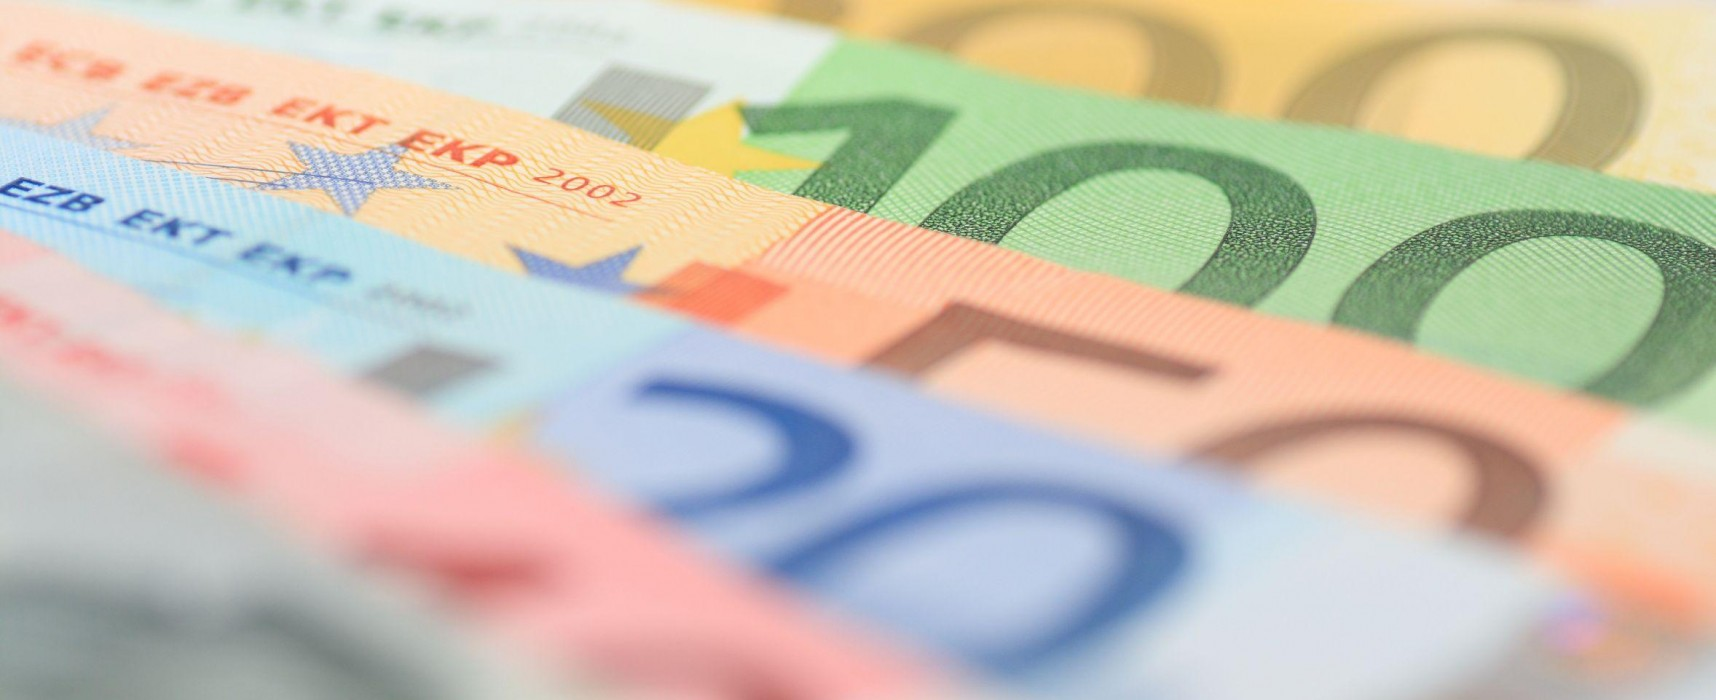 Lotta all'evasione tributaria, premialità ai dipendenti comunali in caso di maggiori entrate